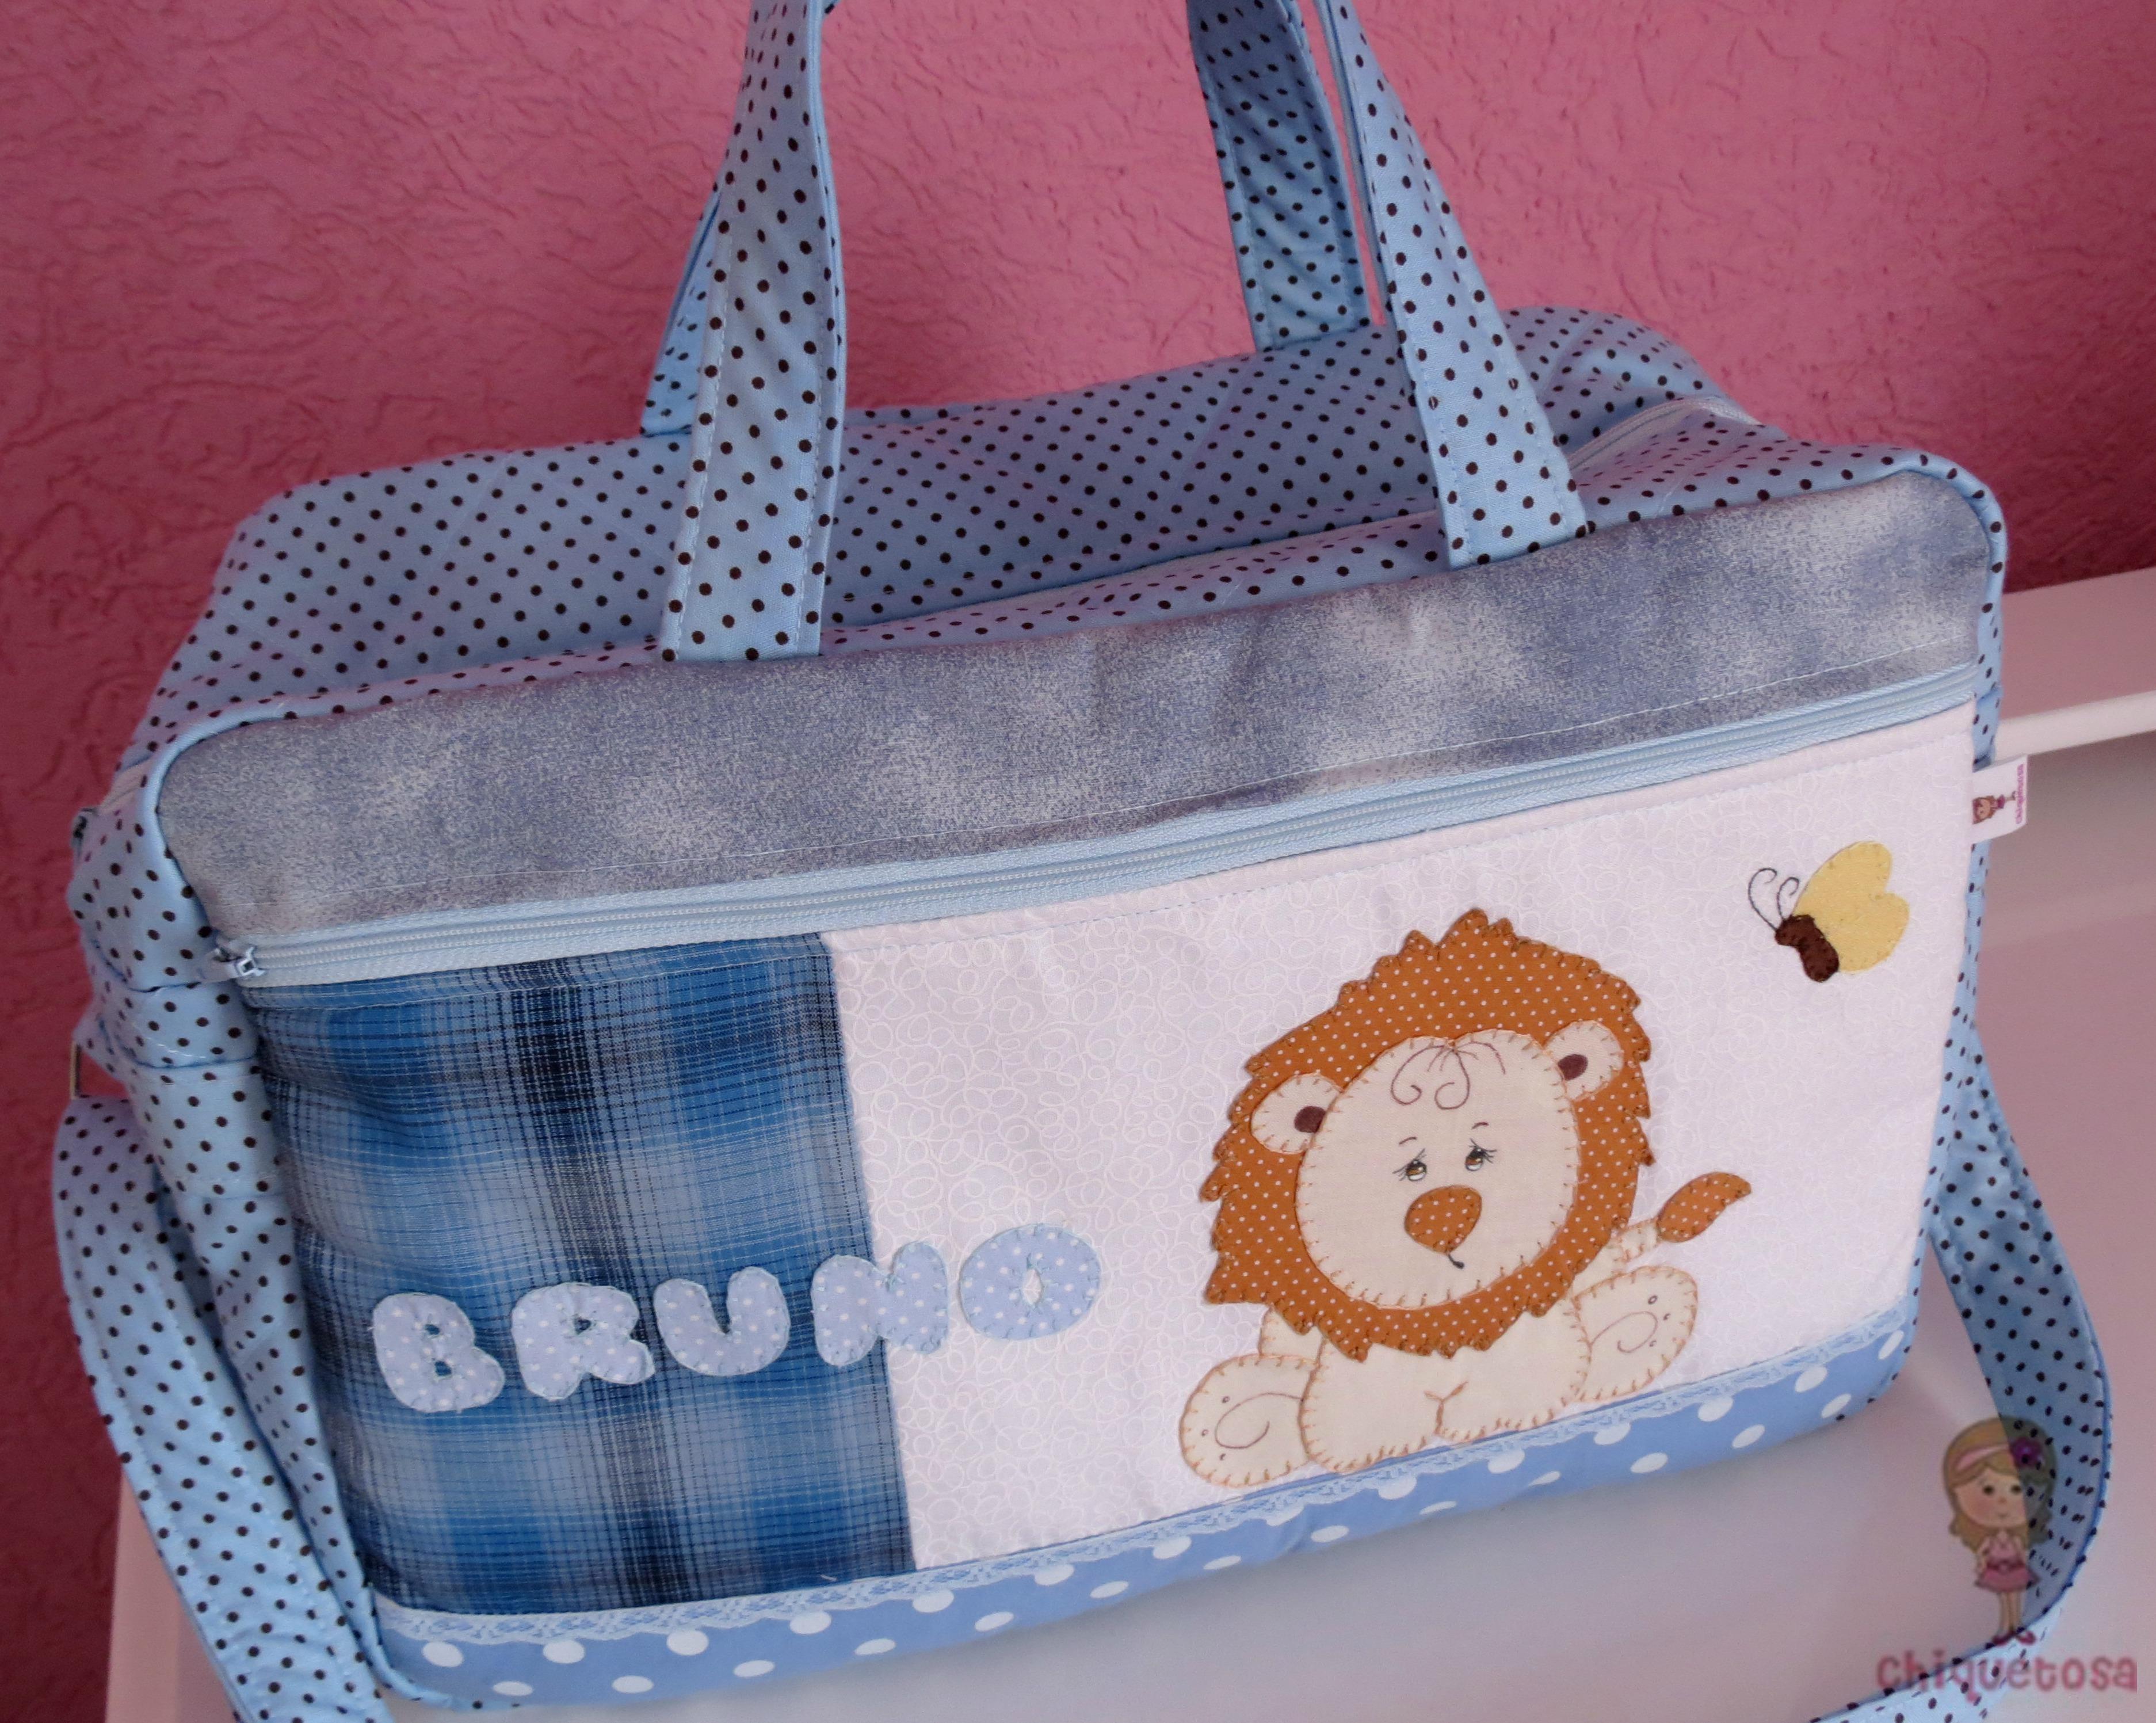 Bolsa De Tecido Bebe : Bolsa de beb? le?o ateli? chiquetosa elo